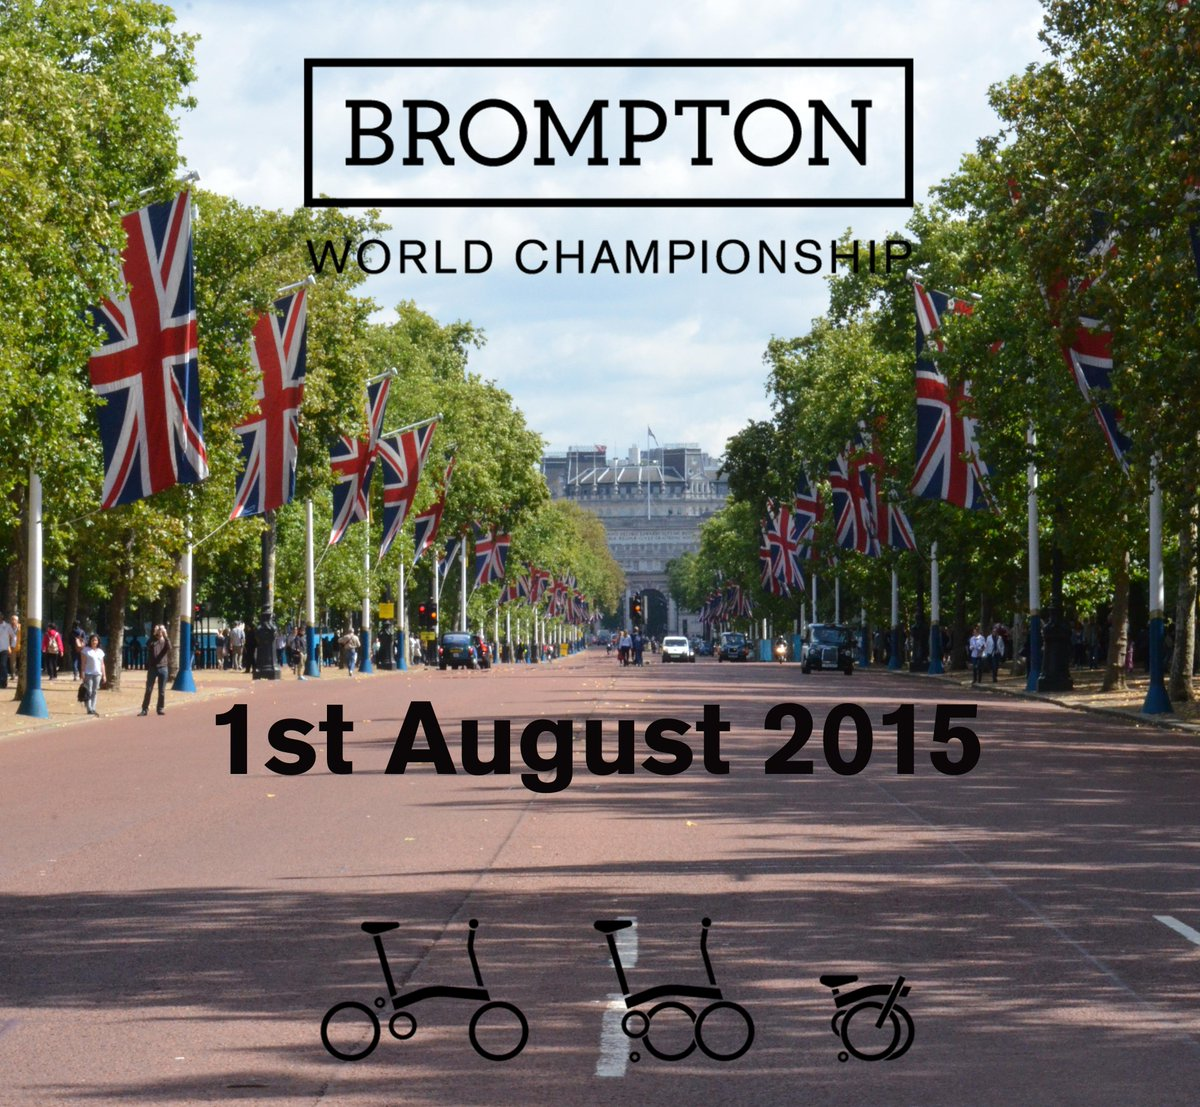 10th Brompton World Championship comes to London! Register: http://t.co/ajOpm8CViJ #BWC2015 #RideLondon @RideLondon http://t.co/fjXr1cKvAe